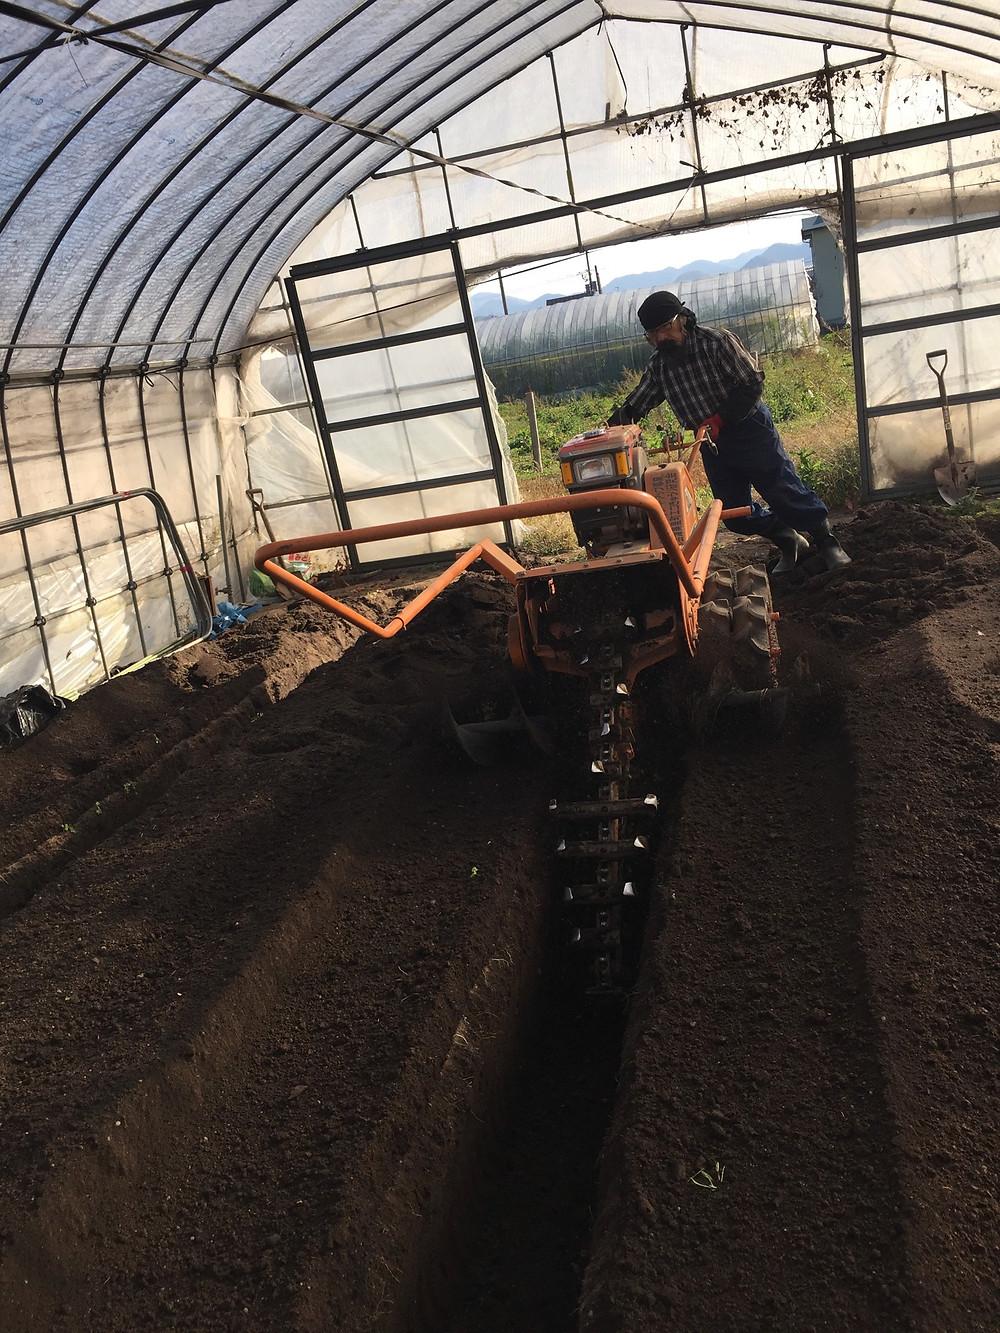 溝施肥(ミゾセヒ)トレンチャーを使って溝を掘っている様子1